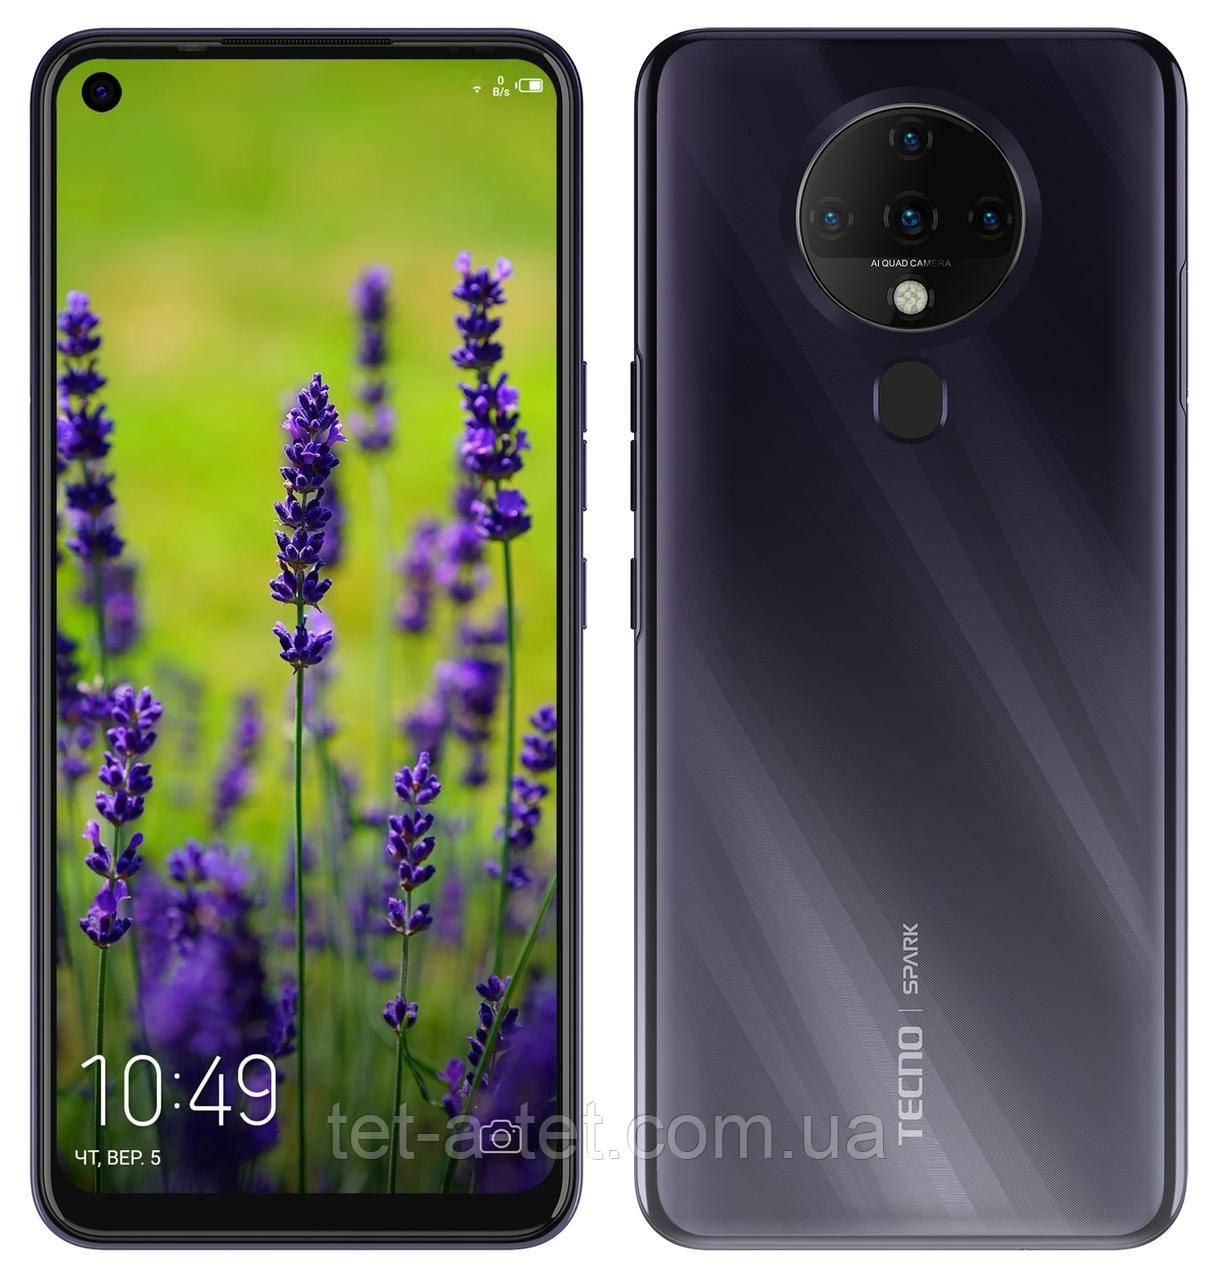 Смартфон TECNO Spark 6 (KE7) 4/128GB Comet Black (UA UCRF)